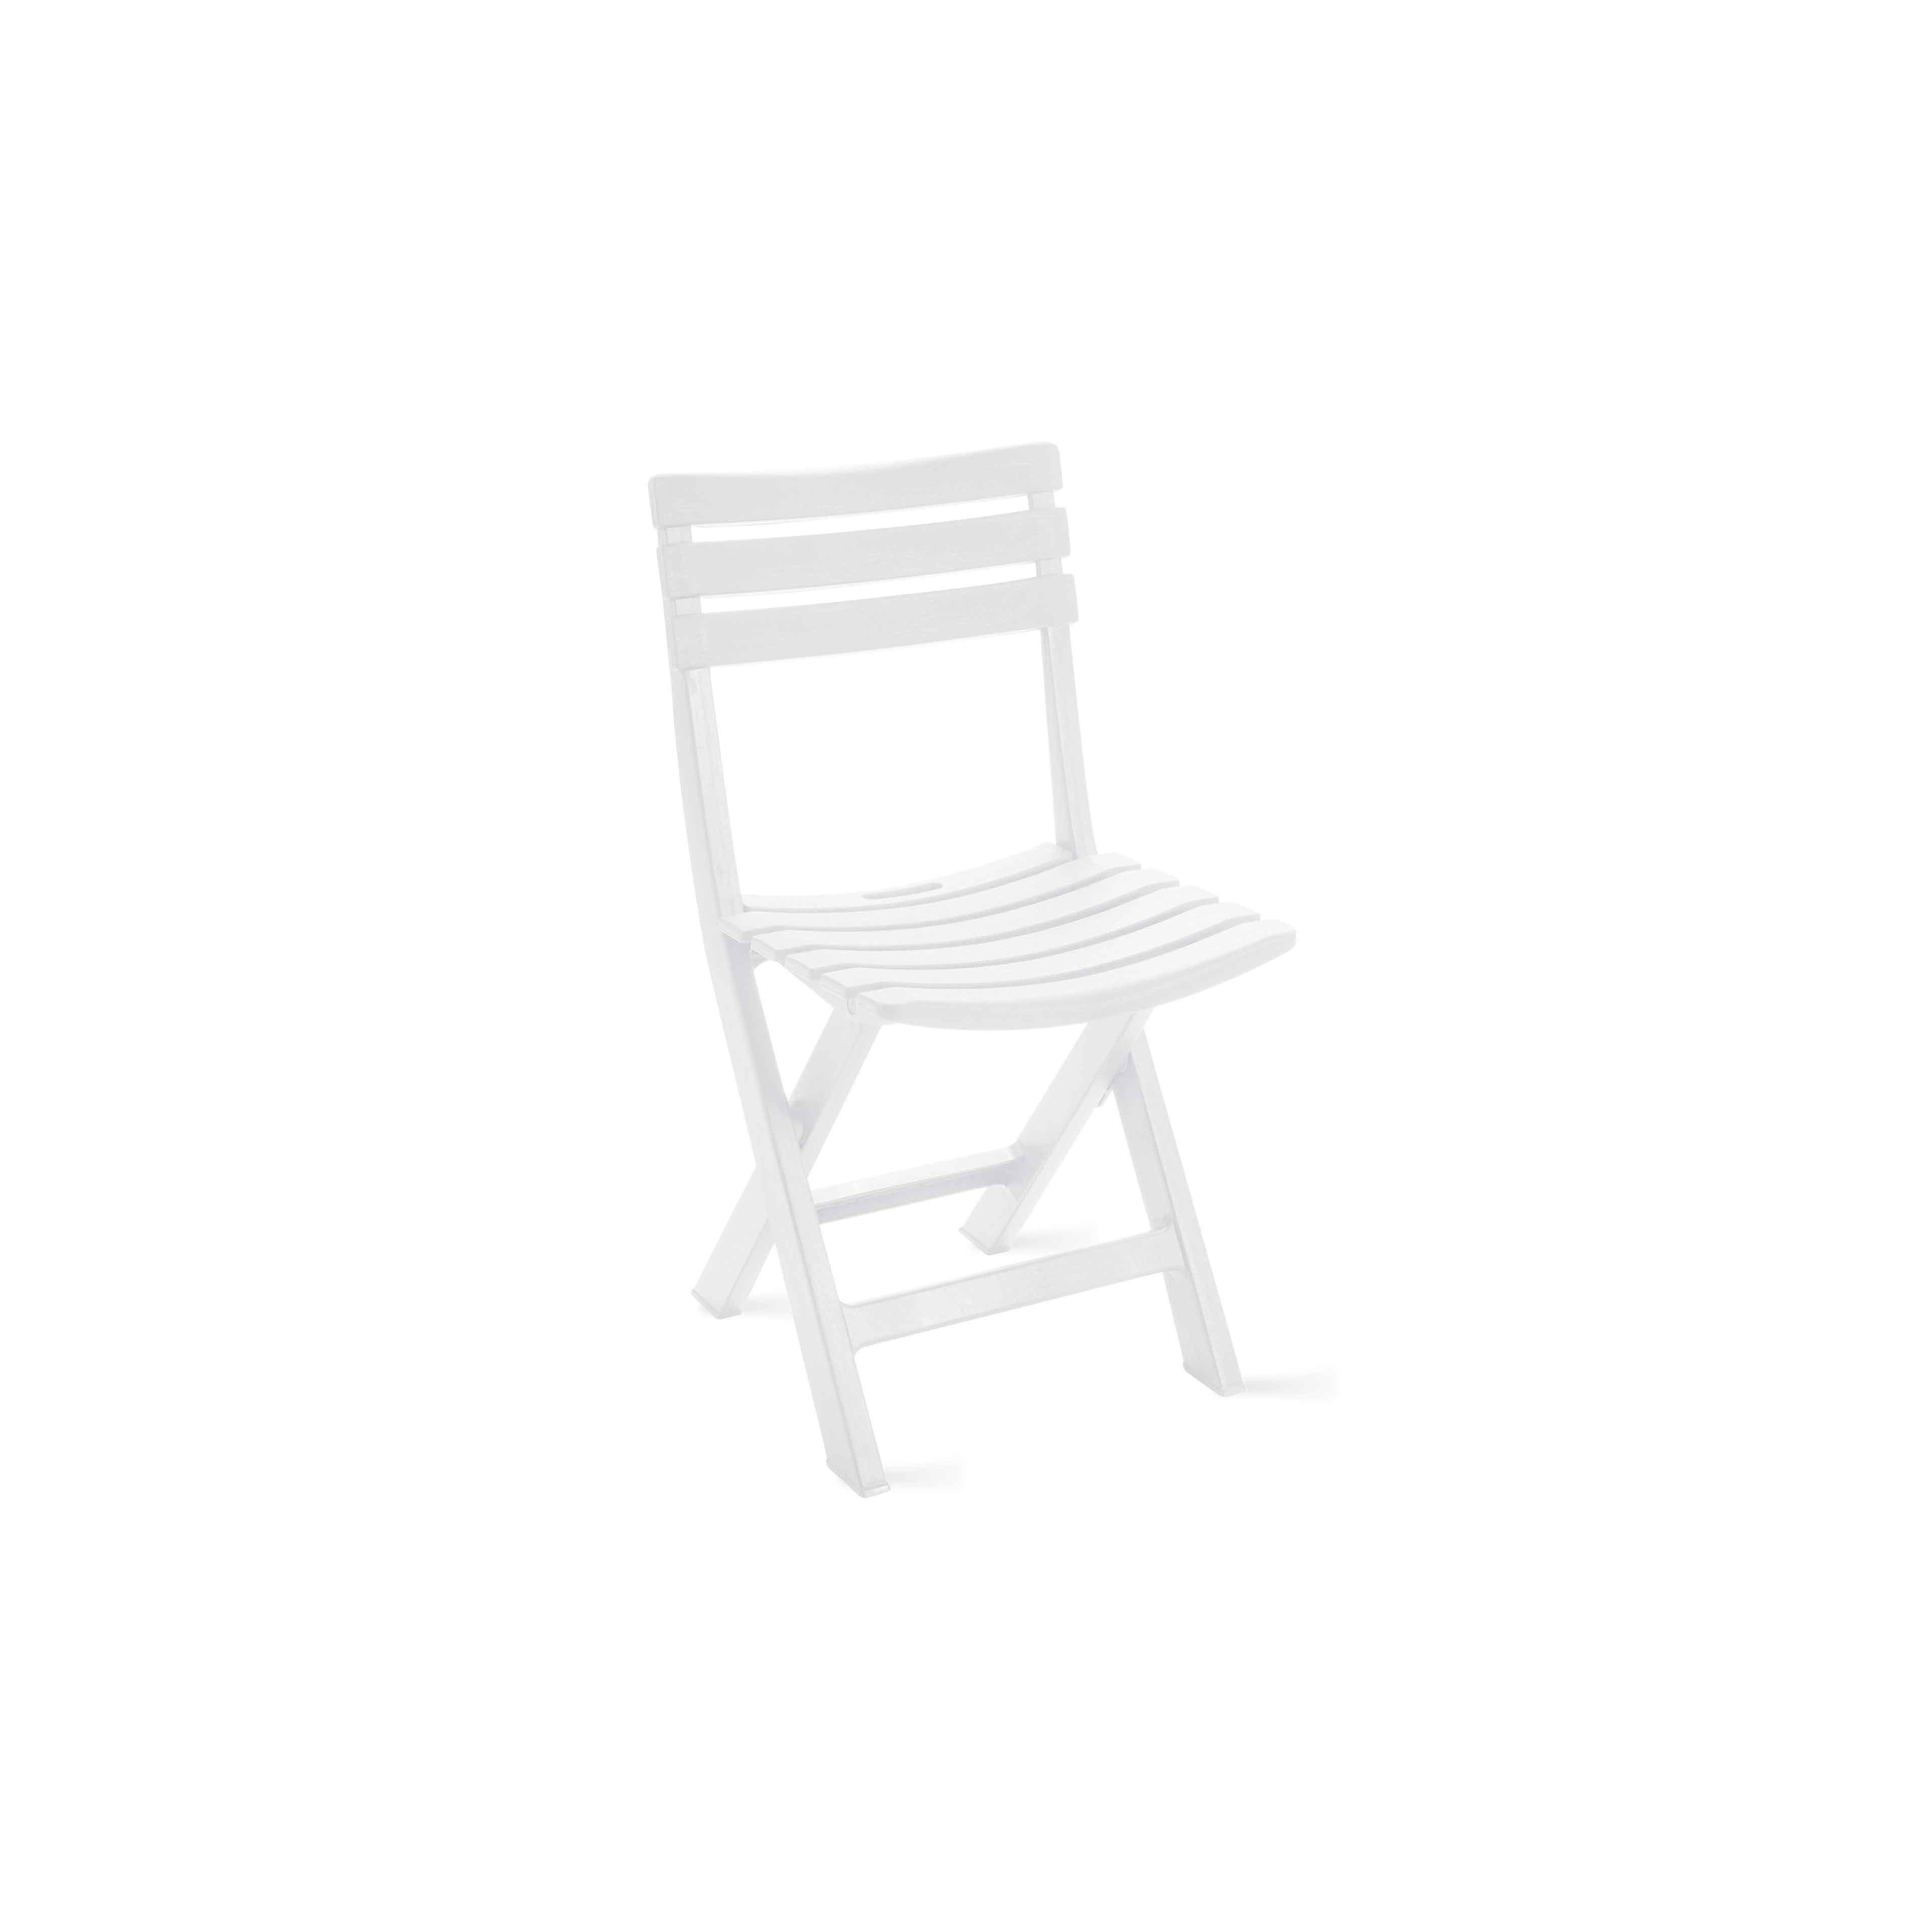 petit salon de jardin pas cher en plastique chaises pliantes